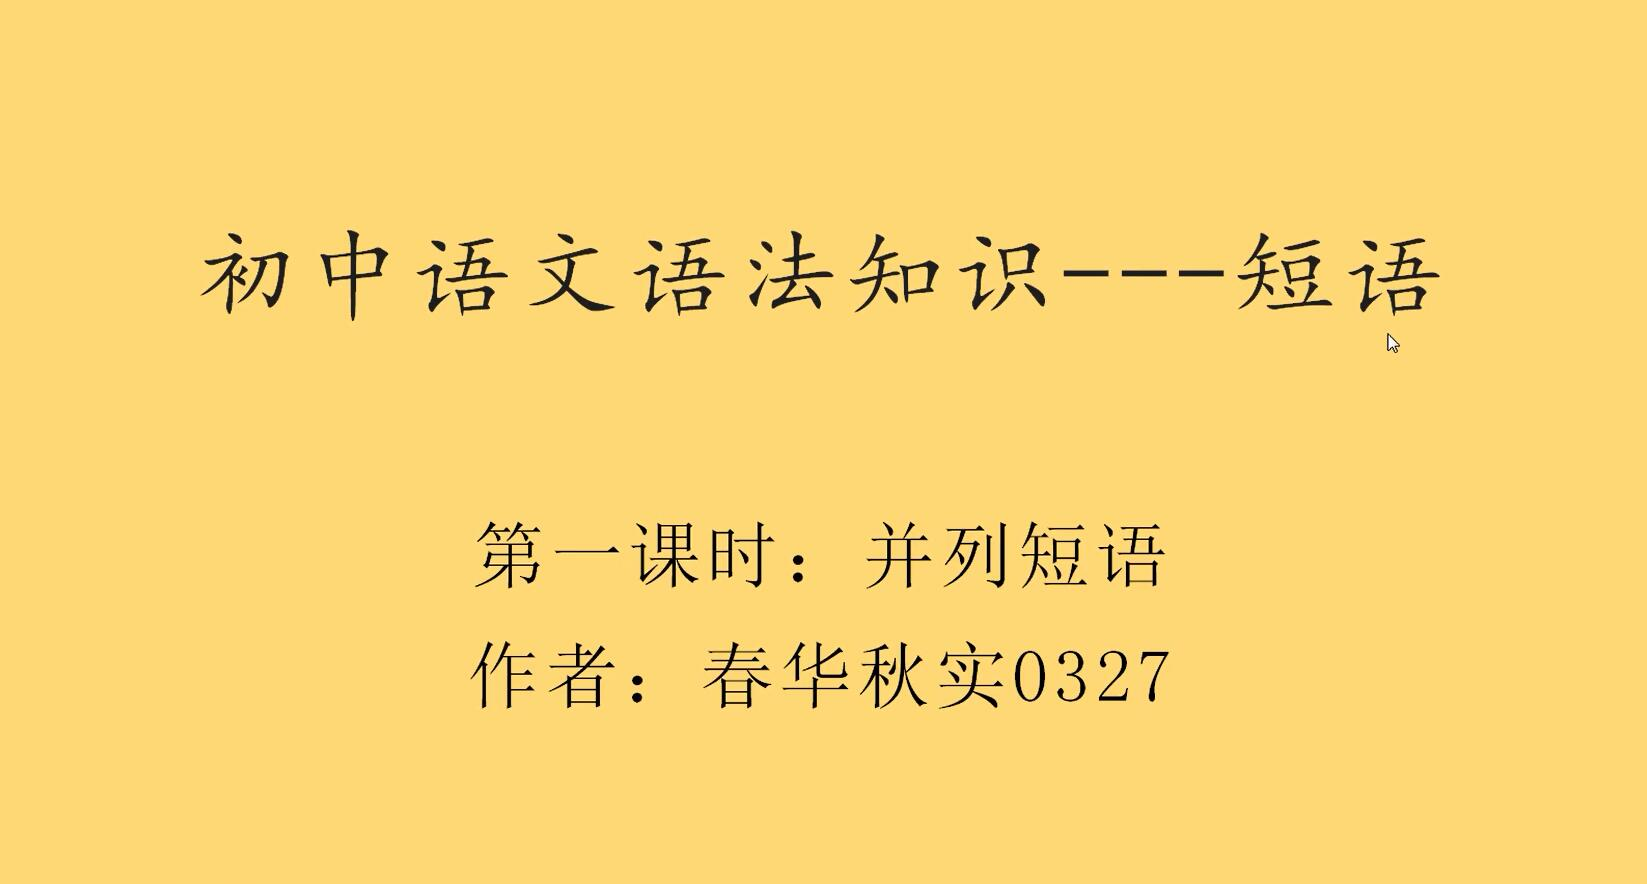 《中学语文语法知识:从词性到复句》对汉语词性、句子成分、短语、复句知识进行了讲解。课程内容参照但不依赖中学语文教材,深入浅出。知识讲解结合解题实践,再加上朗朗上口的记忆口诀,使难懂的语法知识变得易于掌握。本课程共30个课时(词性10课时、句子成分5课时、短语5课时、复句10课时)。每节课15分钟左右,分为知识讲解、记忆口诀、实战练习三部分。本课程既适合中学生学习汉语语法之用,也可用于语文教师教学参考,还适用于语文爱好者提高汉语水平。